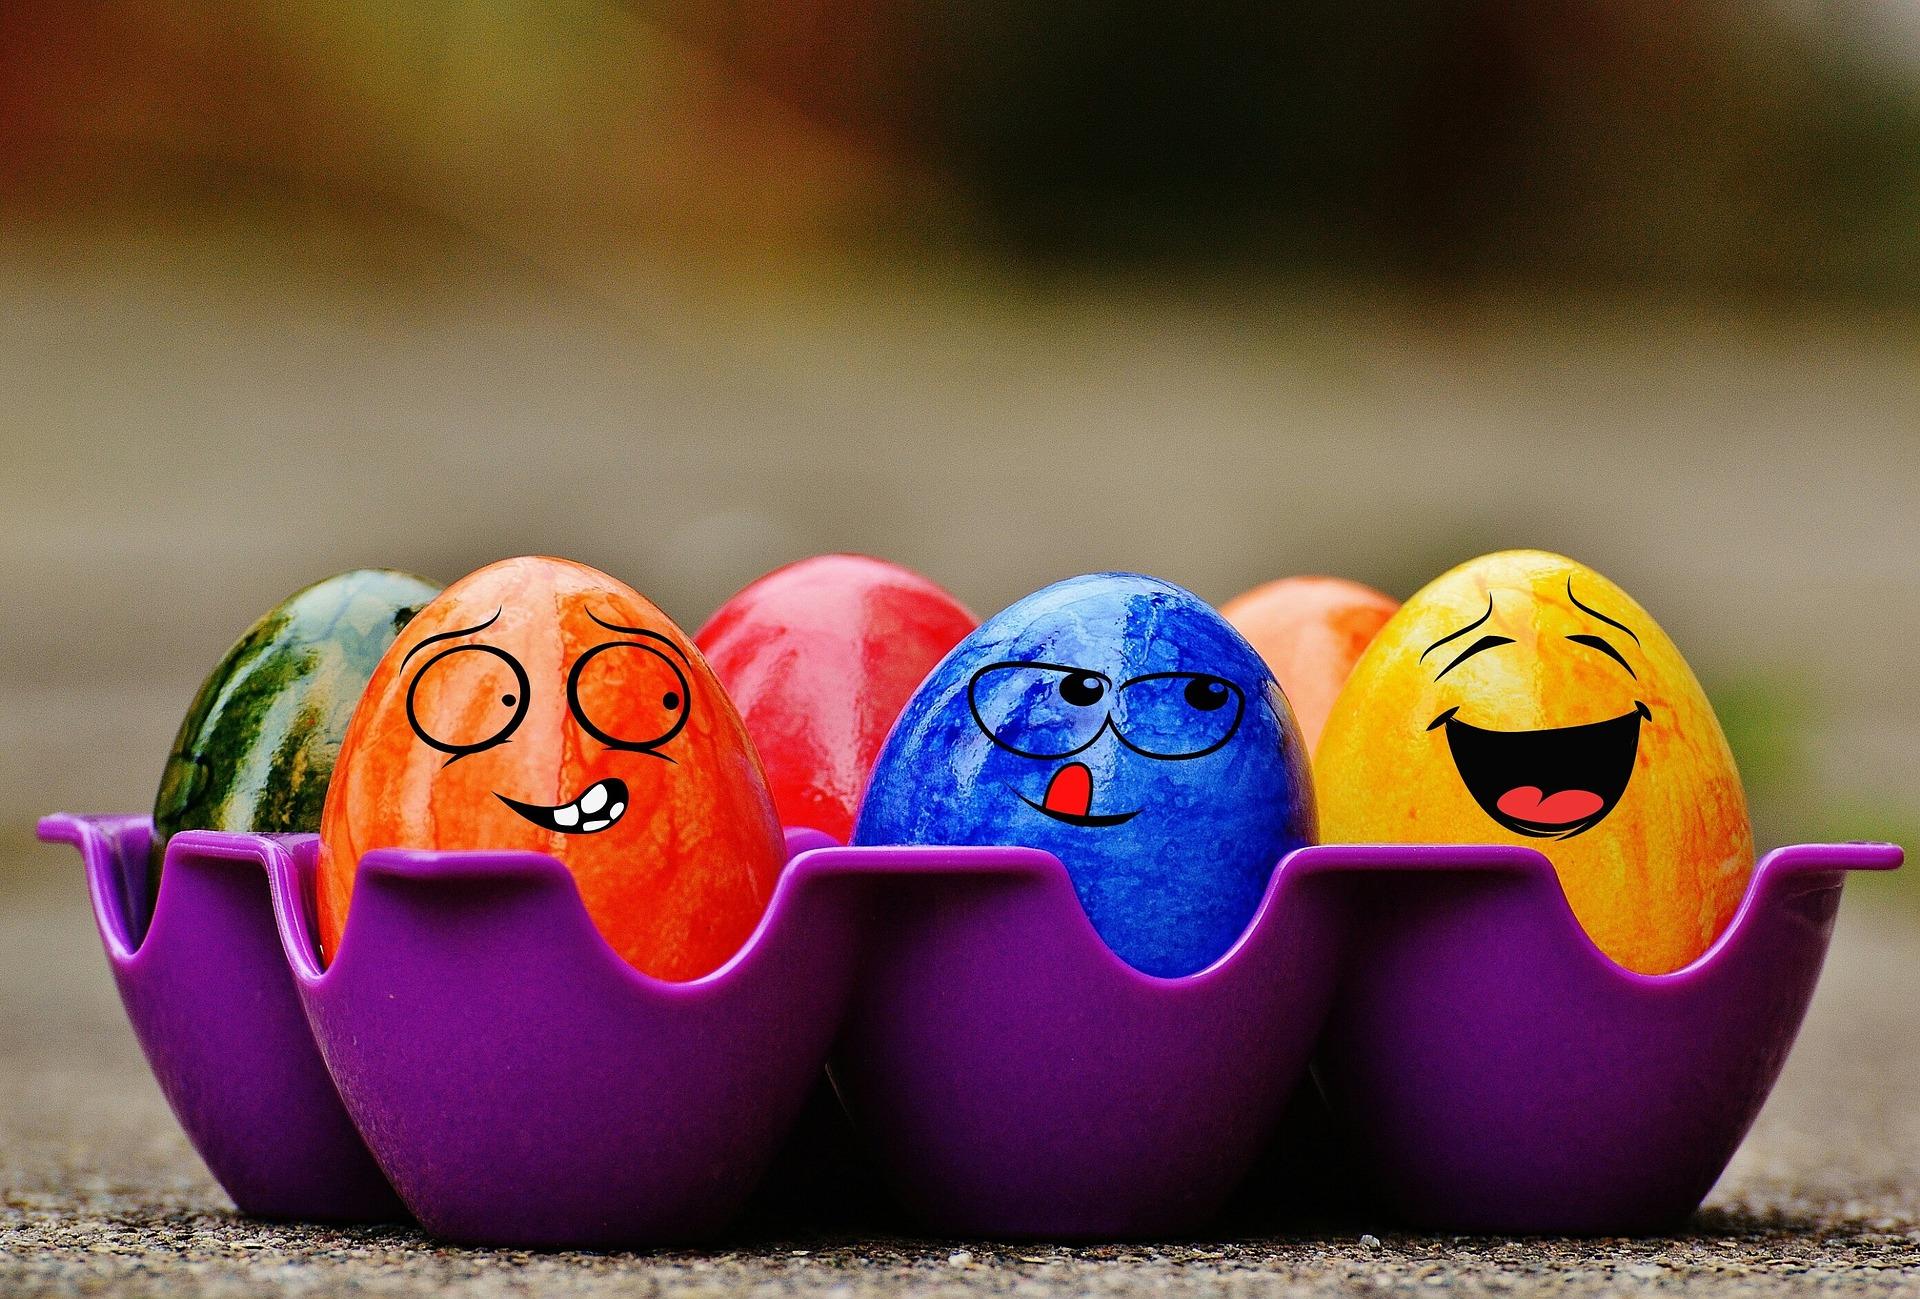 Пасхальные яйца, Пасха, яйца, цвета, лица - Обои HD - Профессор falken.com